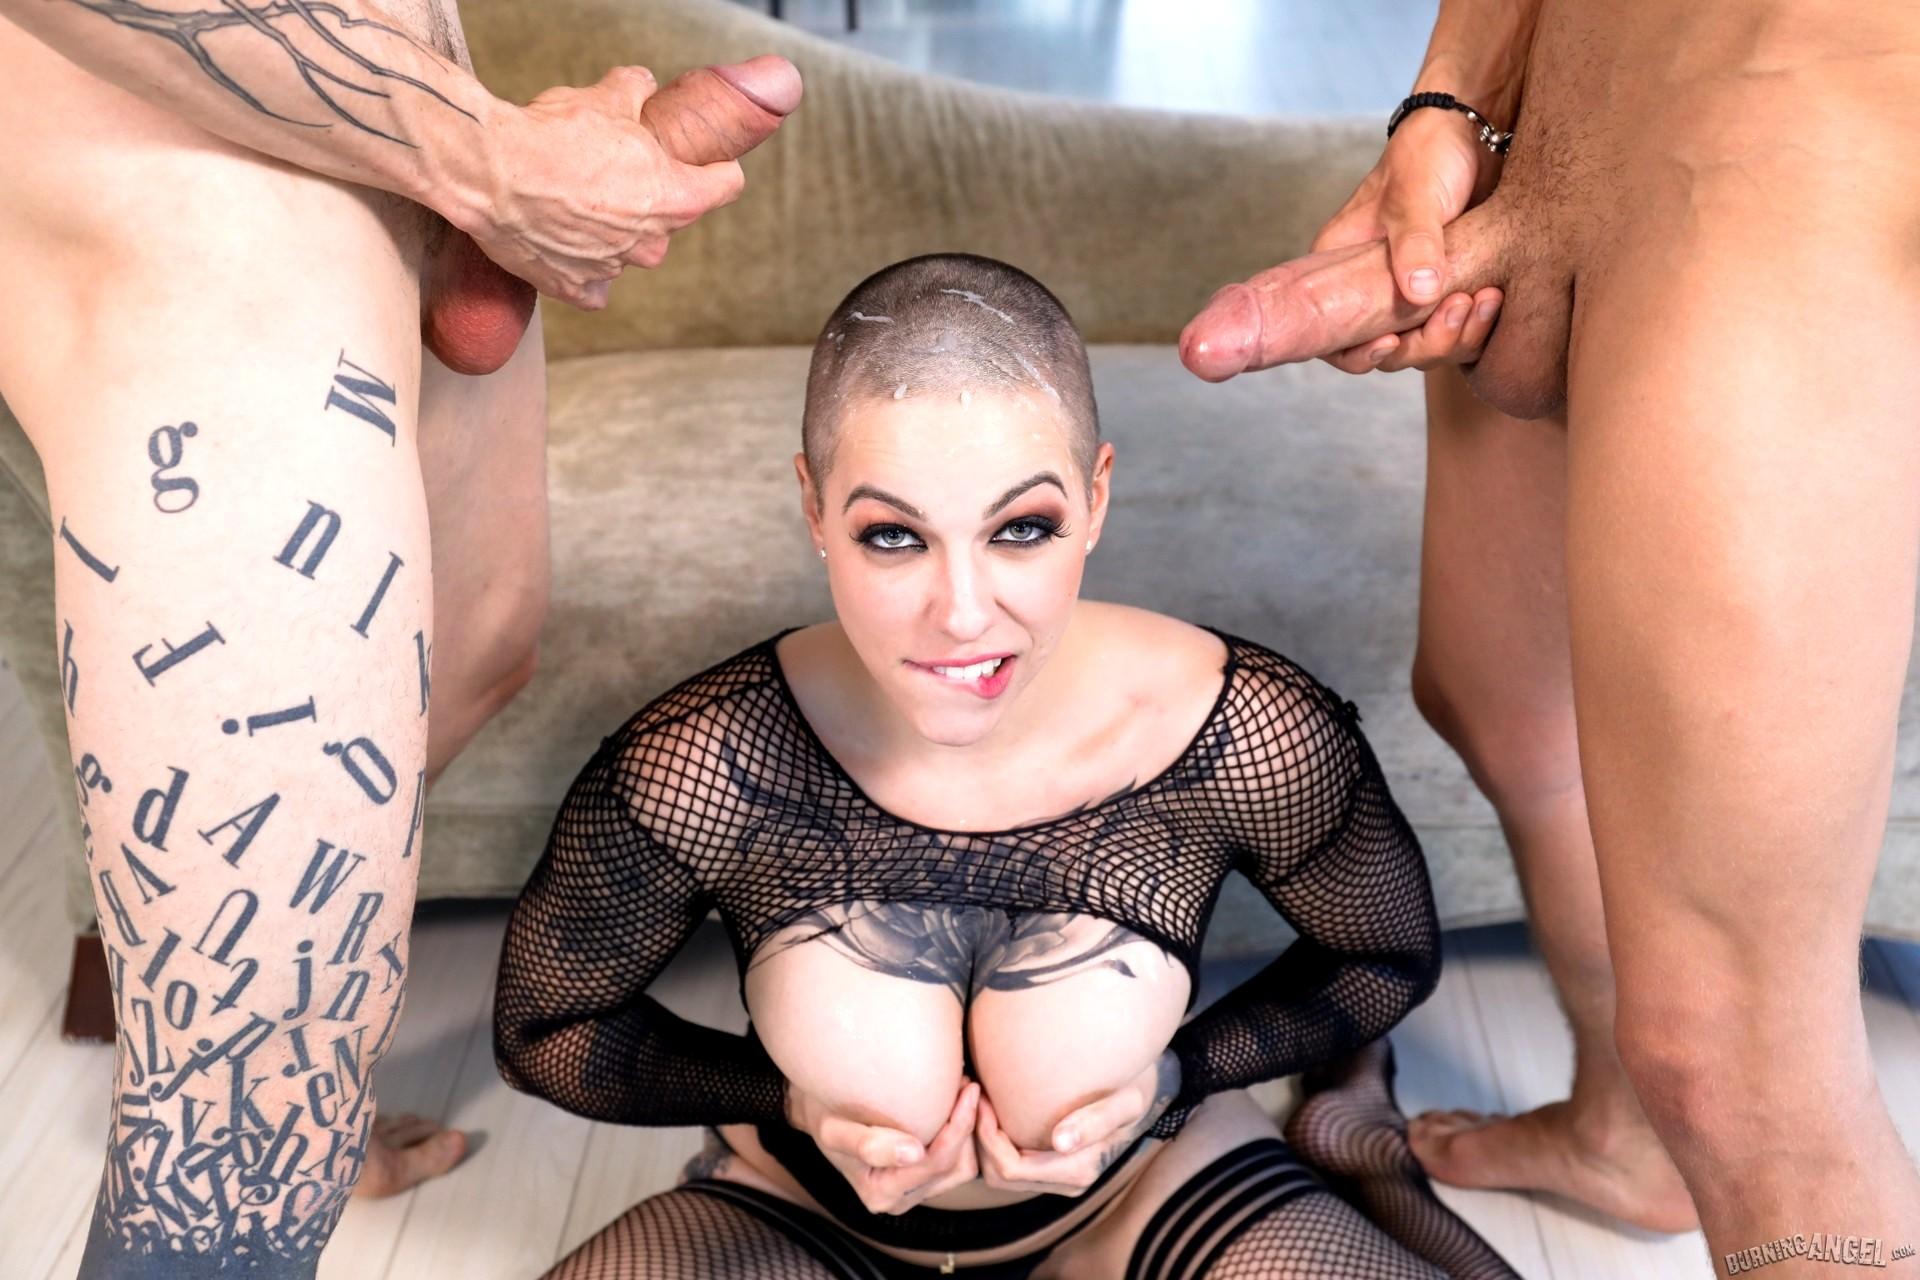 Жесткое порно с лысой девушкой